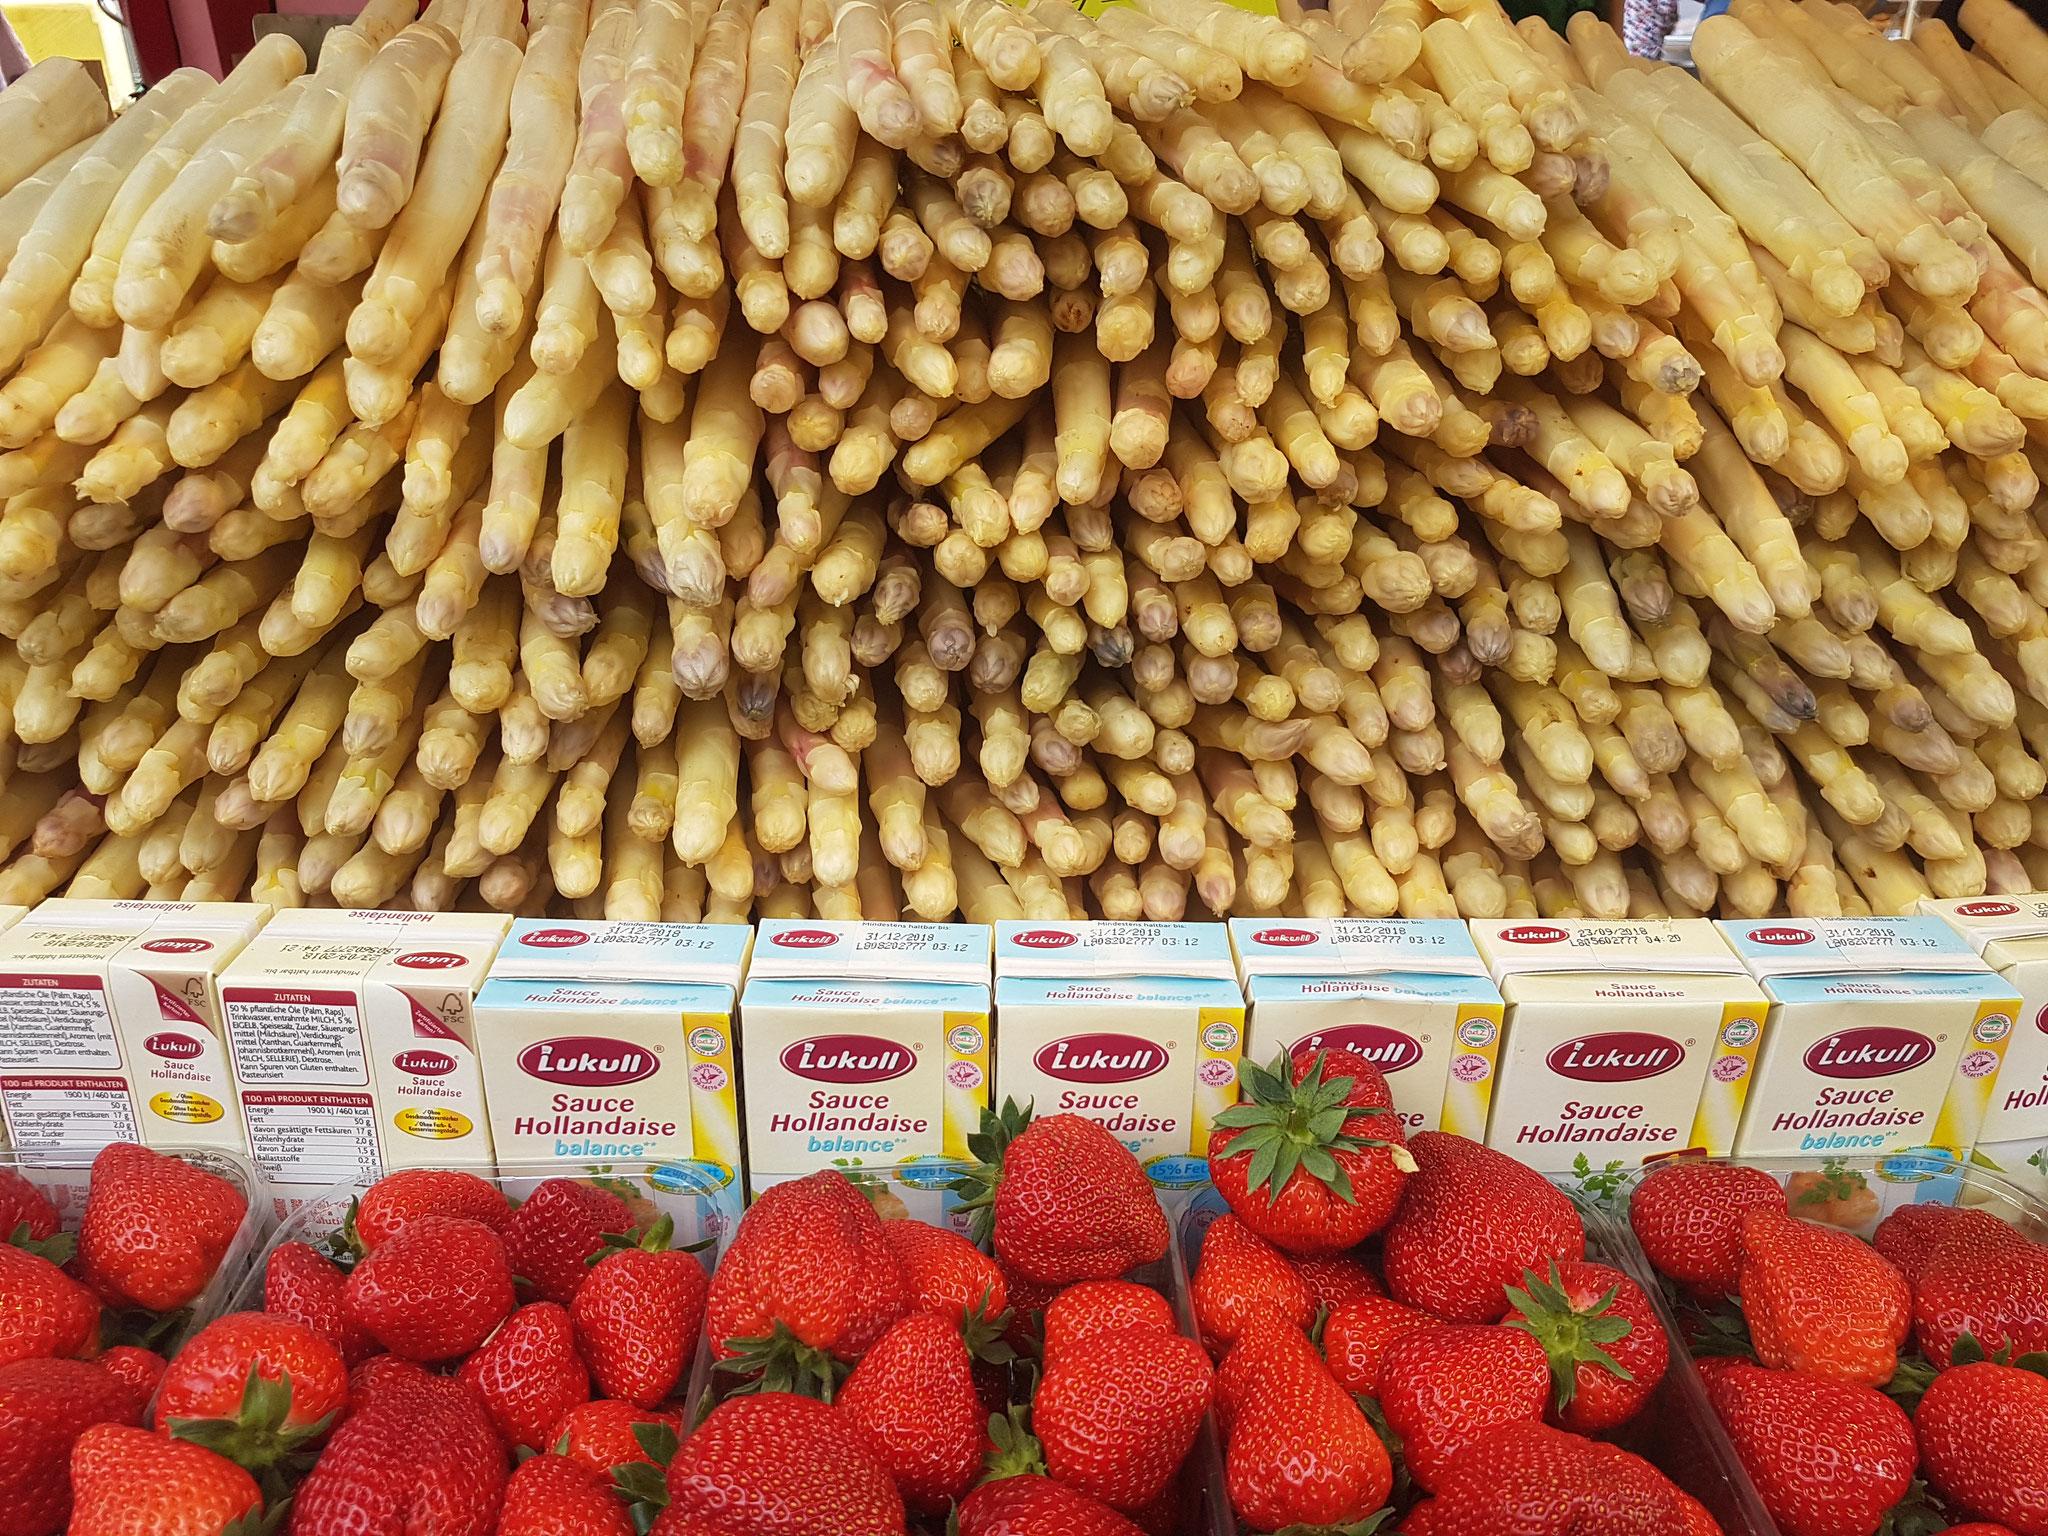 Spargel und Erdbeeren gab es an jeder Ecke. Und die waren sooooo lecker....